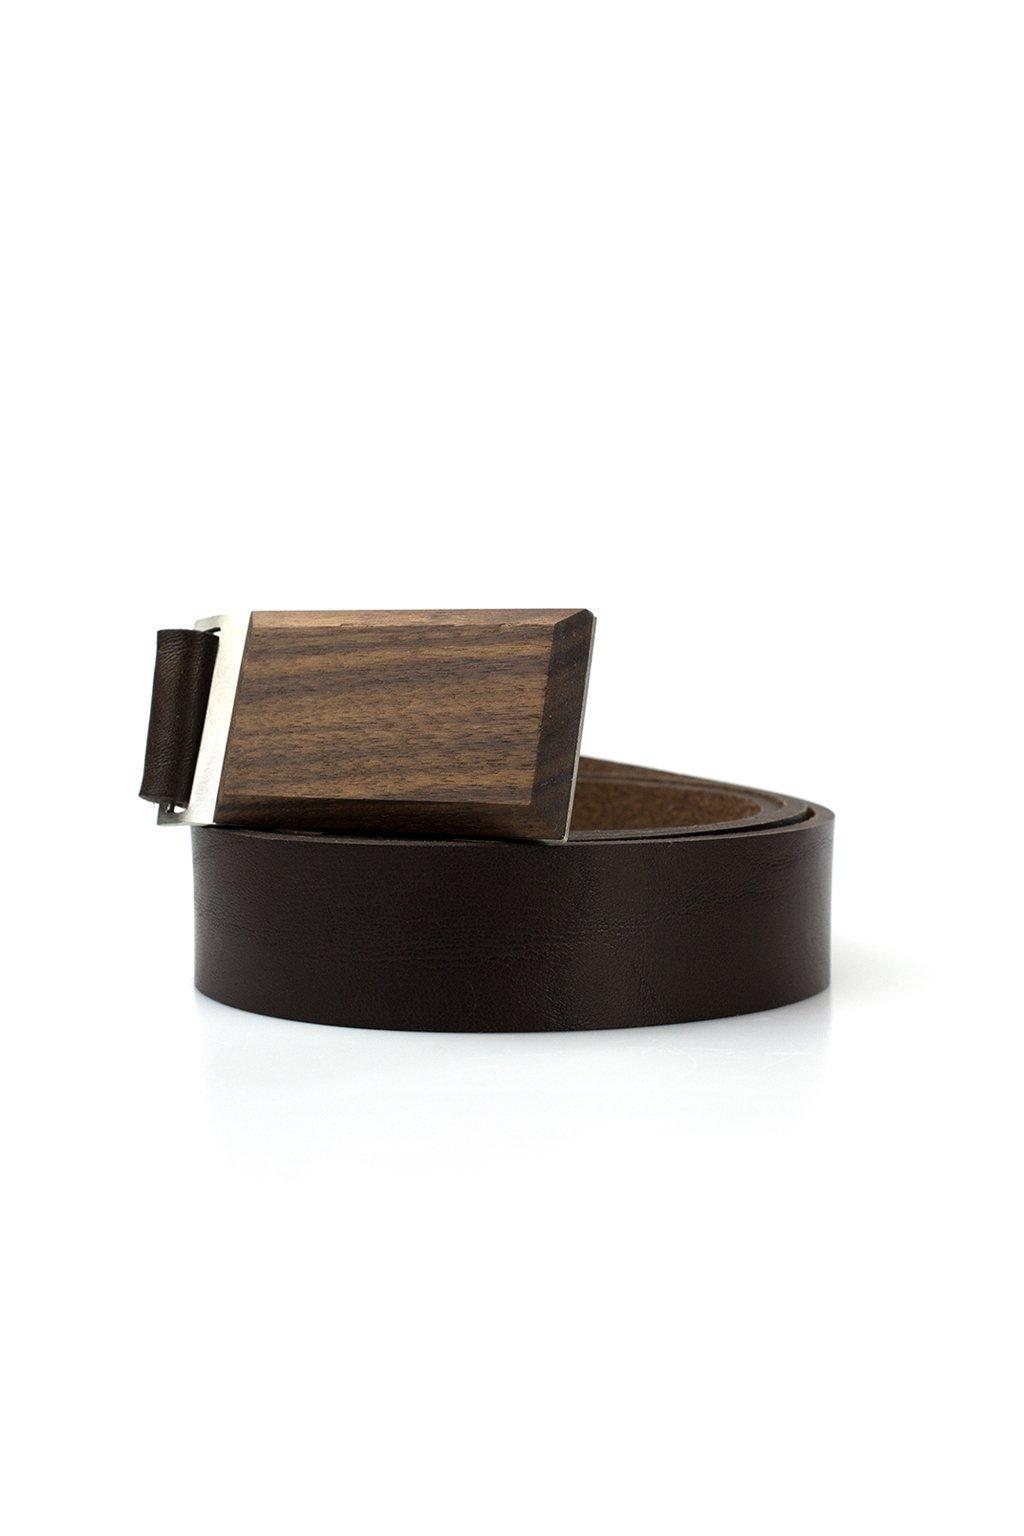 Luxusní pánský kožený opasek s dřevěnou sponou Ořešák černý| JAA∞TY